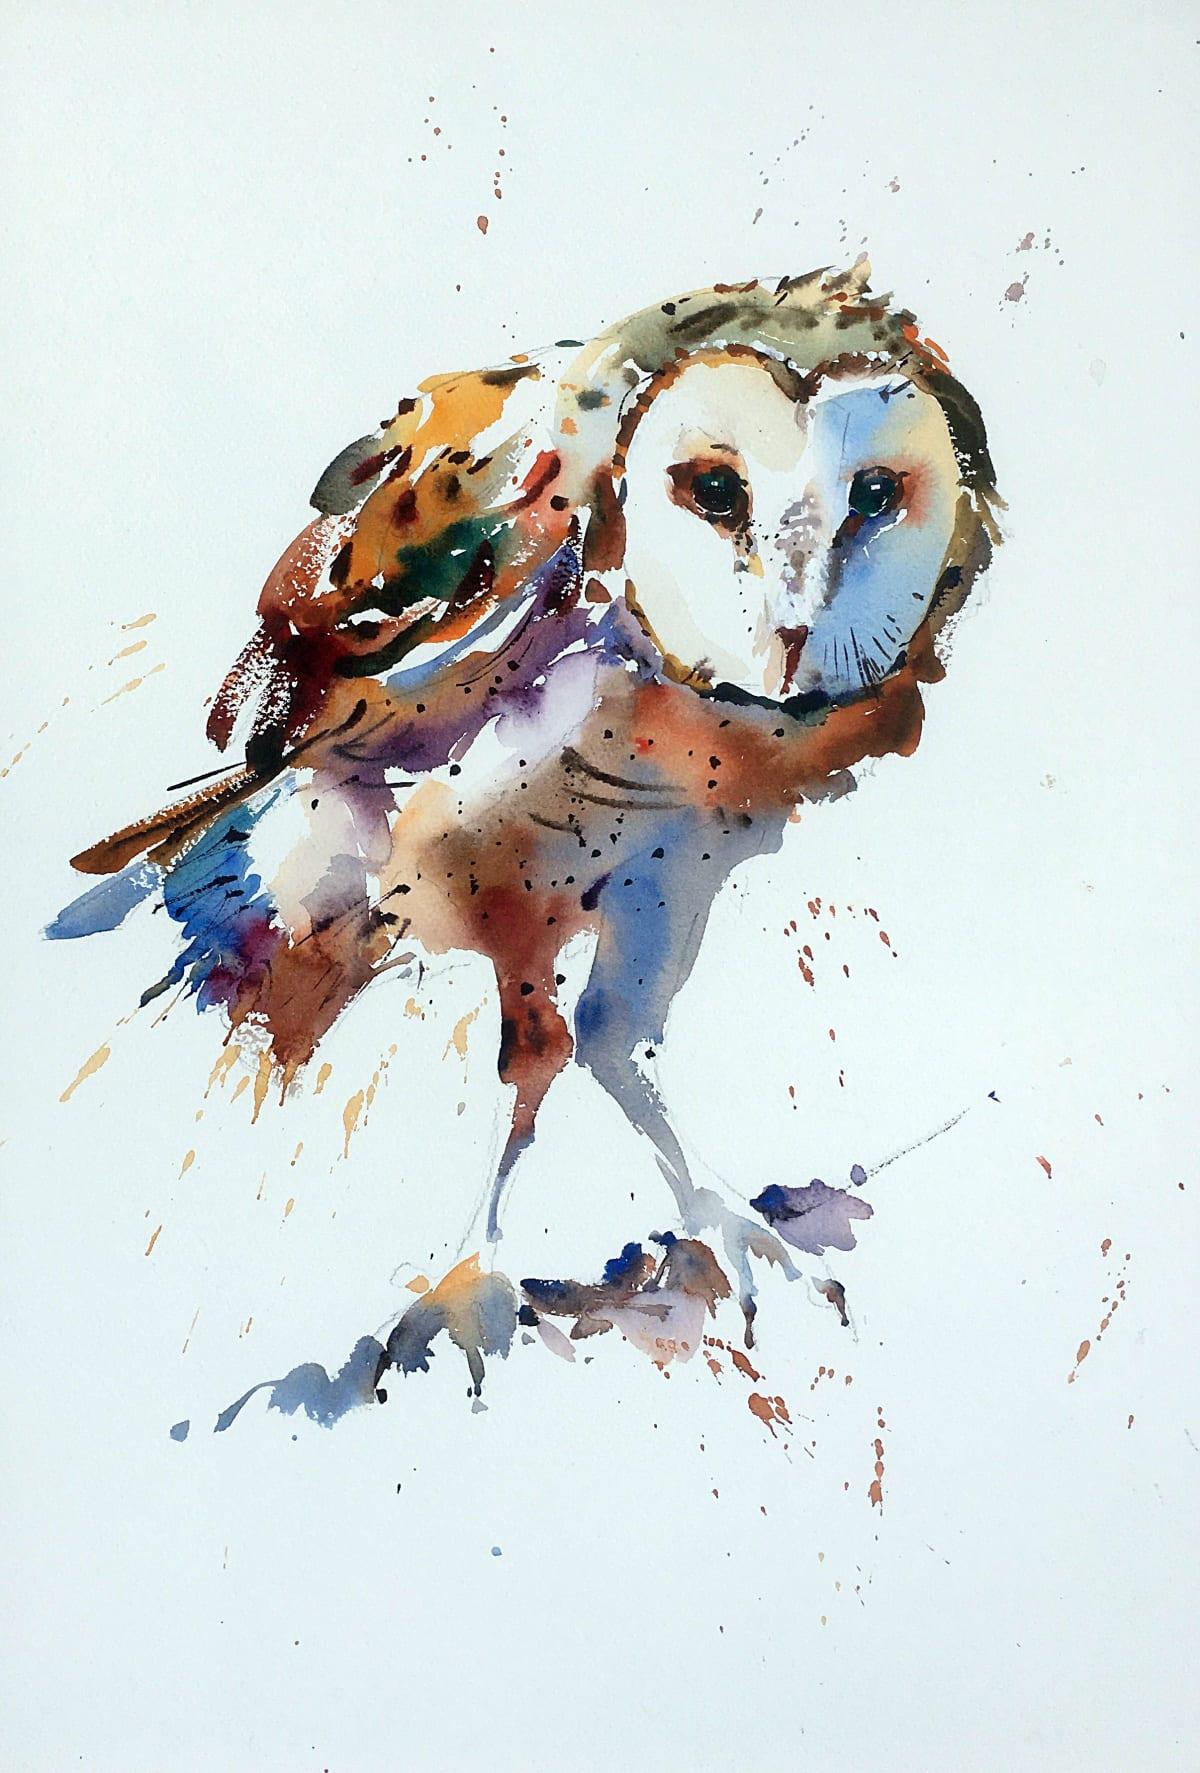 Jake Winkle BARN OWL Watercolour 45.7 x 33 cm 18 x 13 in